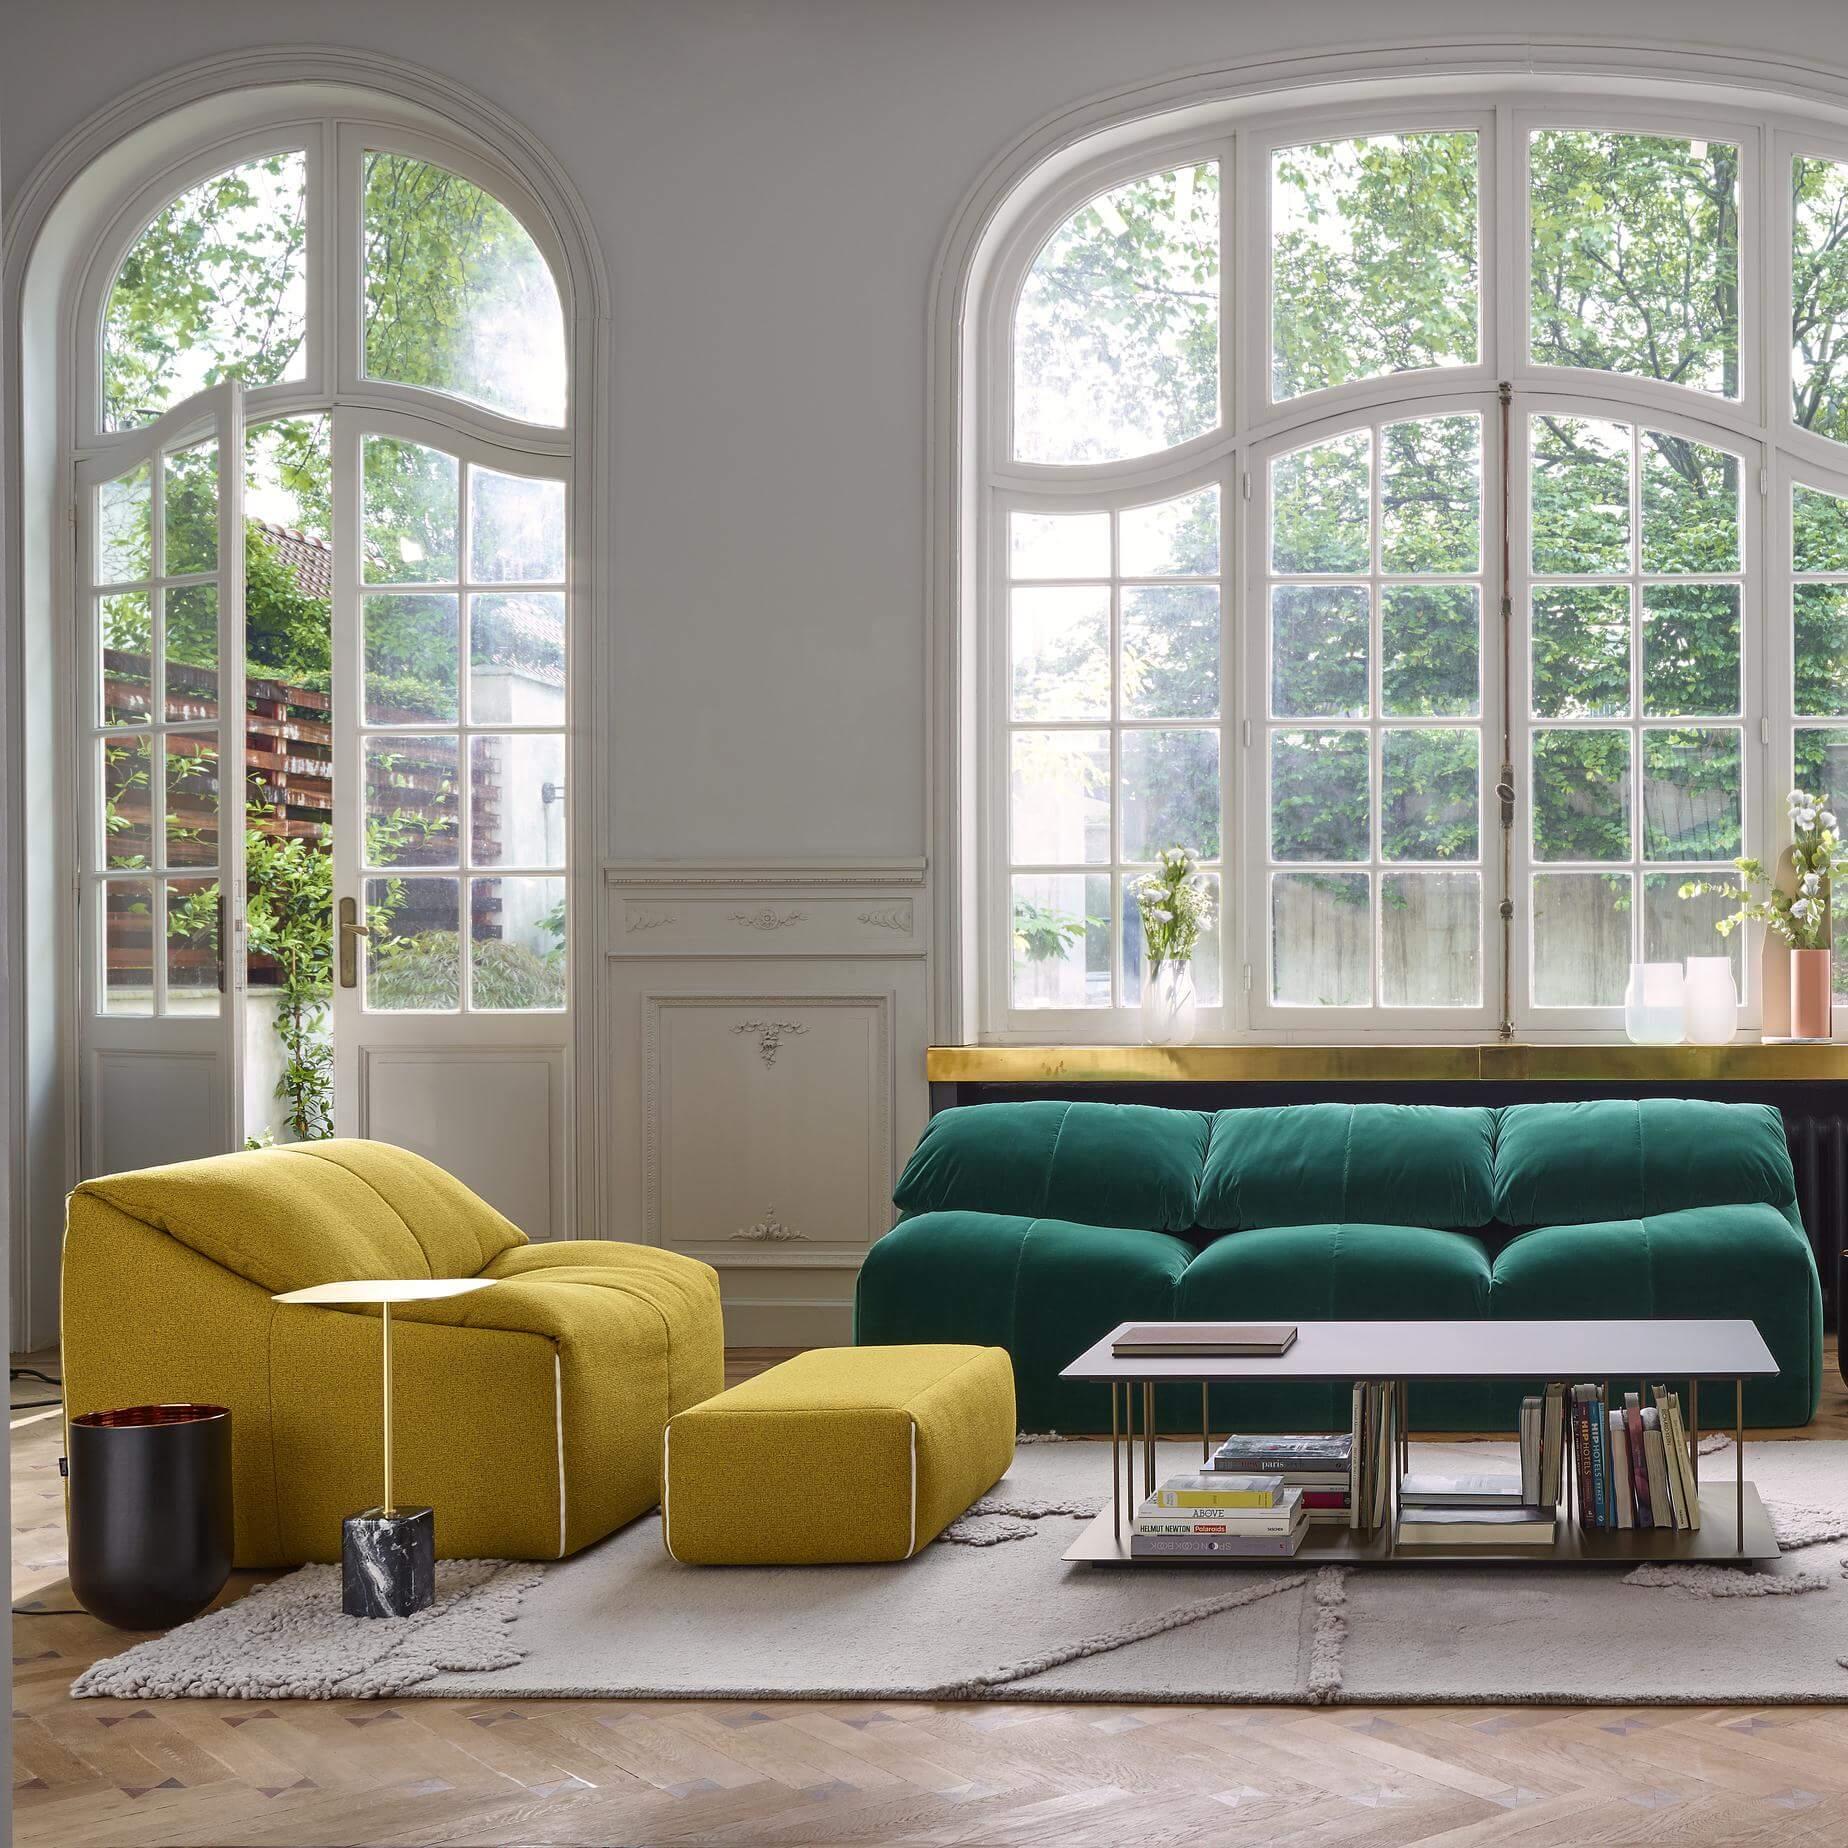 arredo living con divani colorati